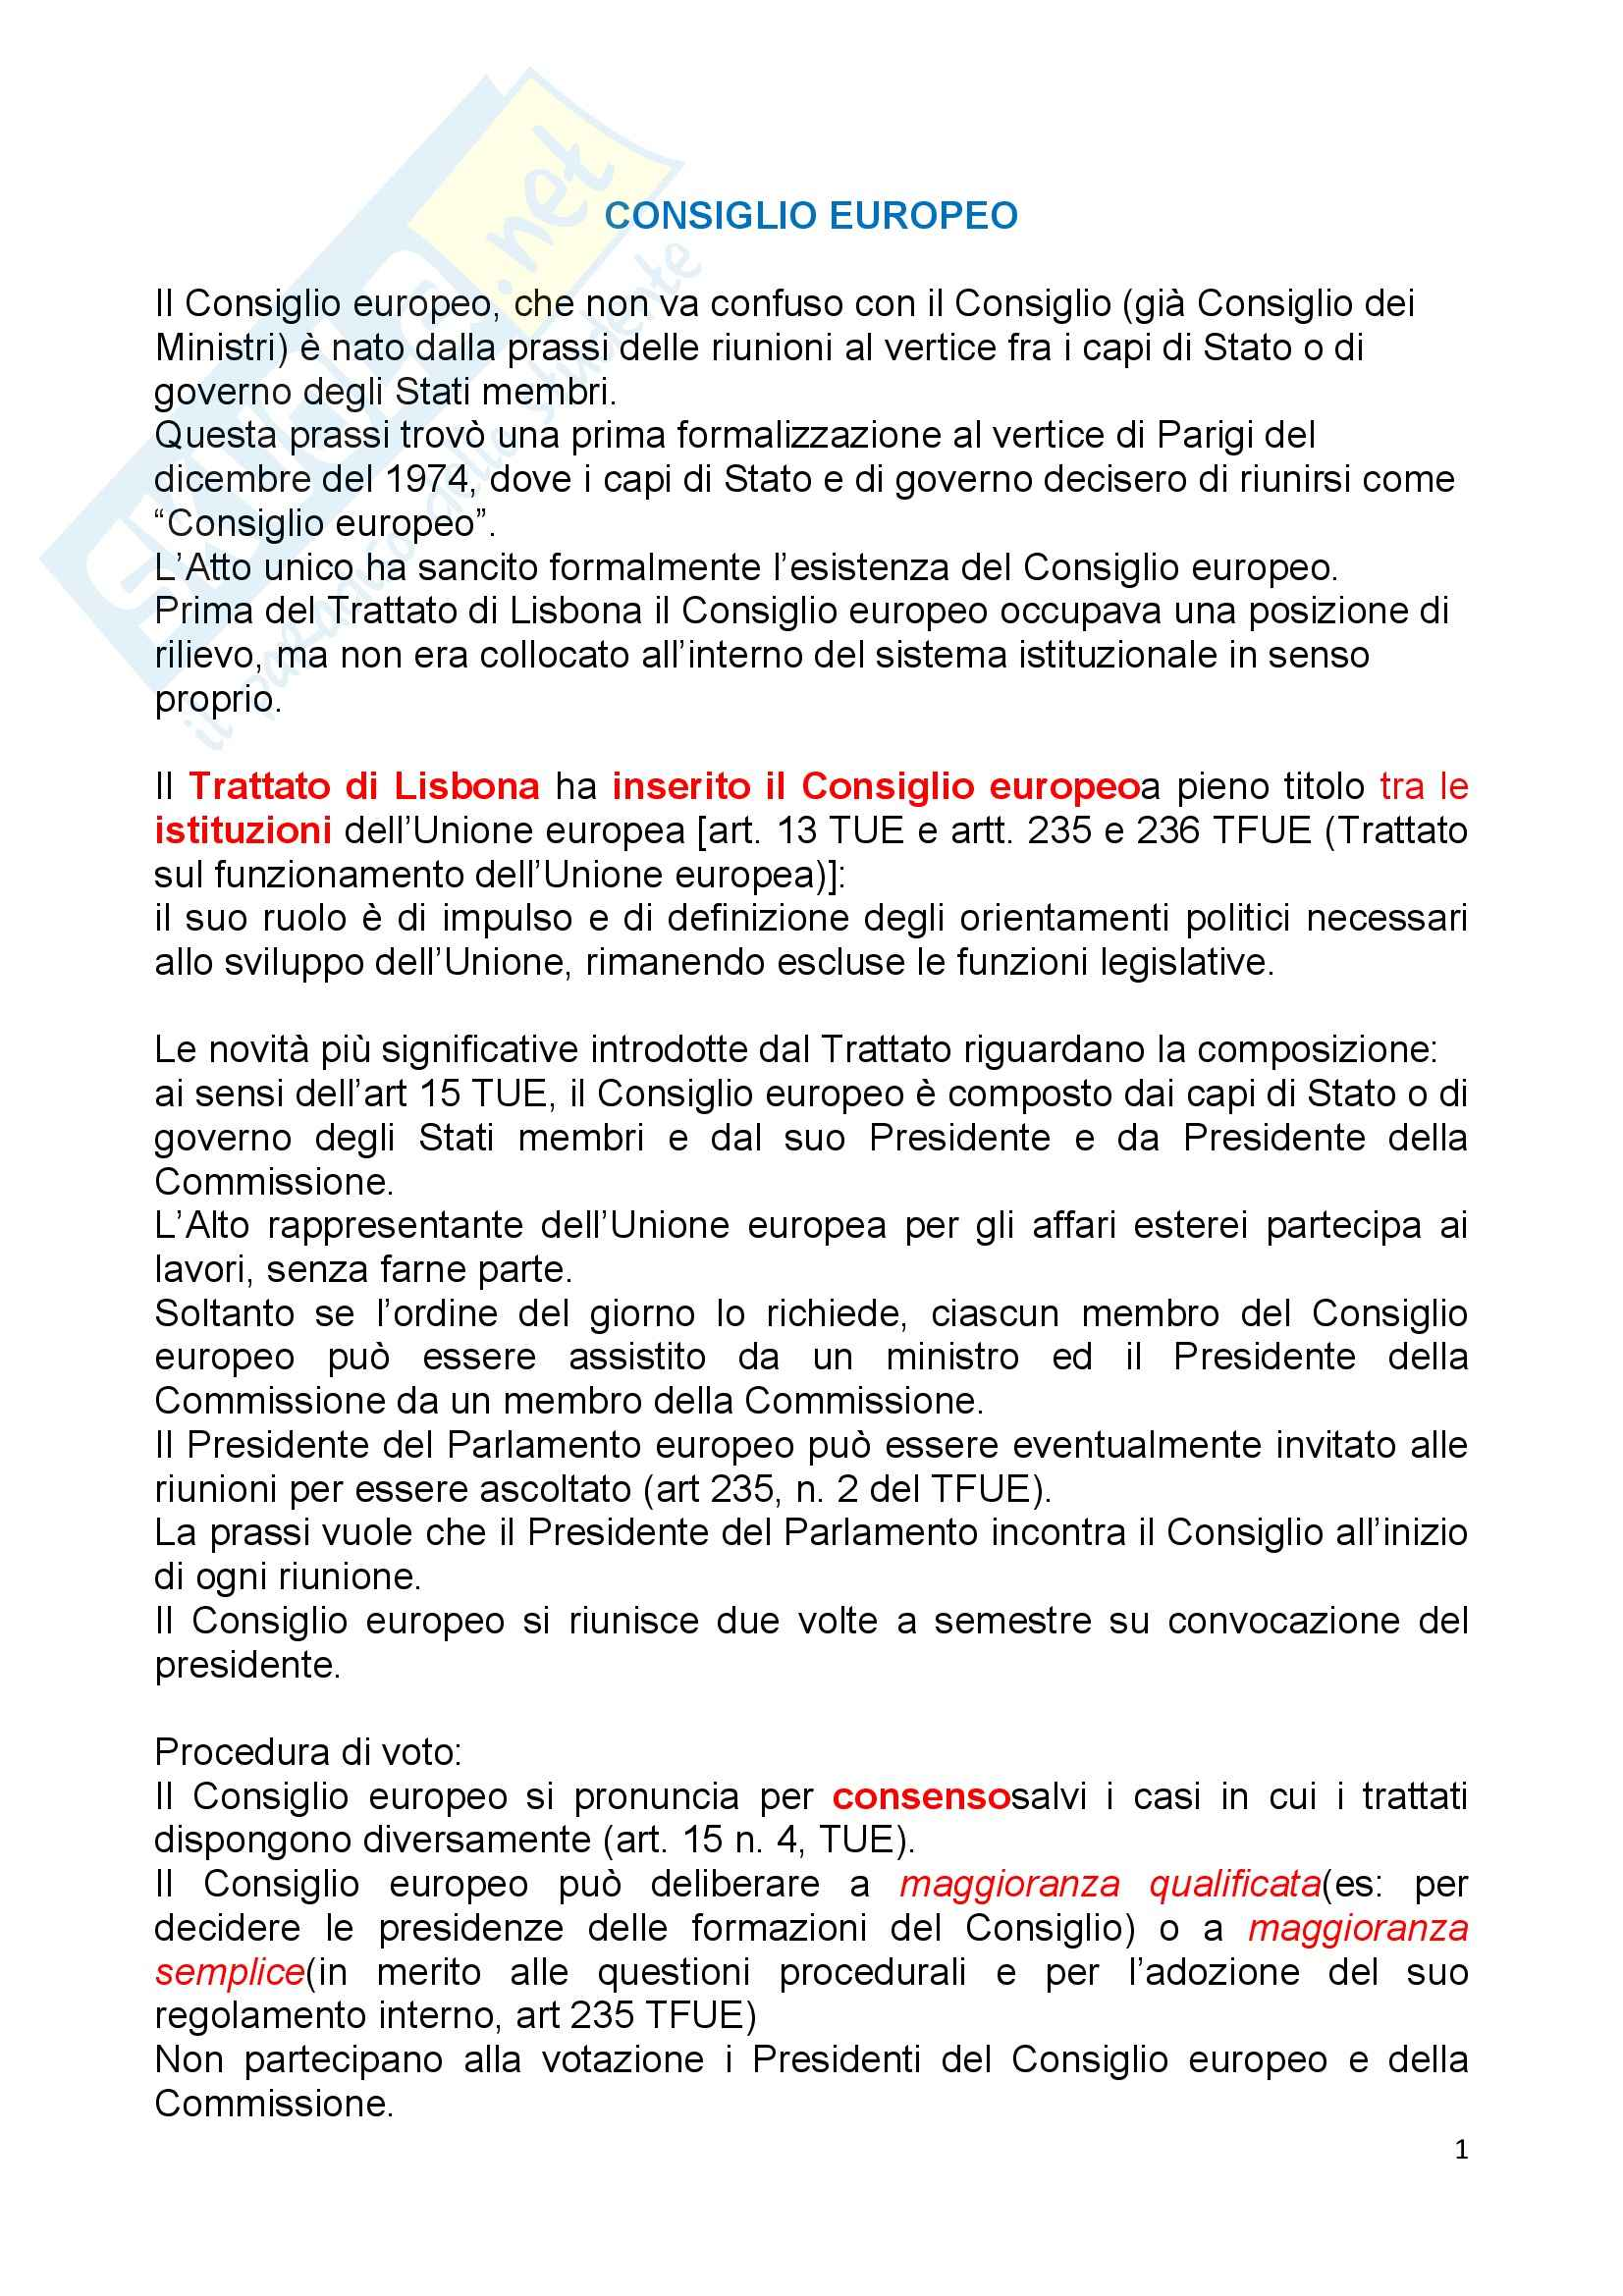 Diritto dell'Unione Europea - la sintesi delle Istituzioni europee